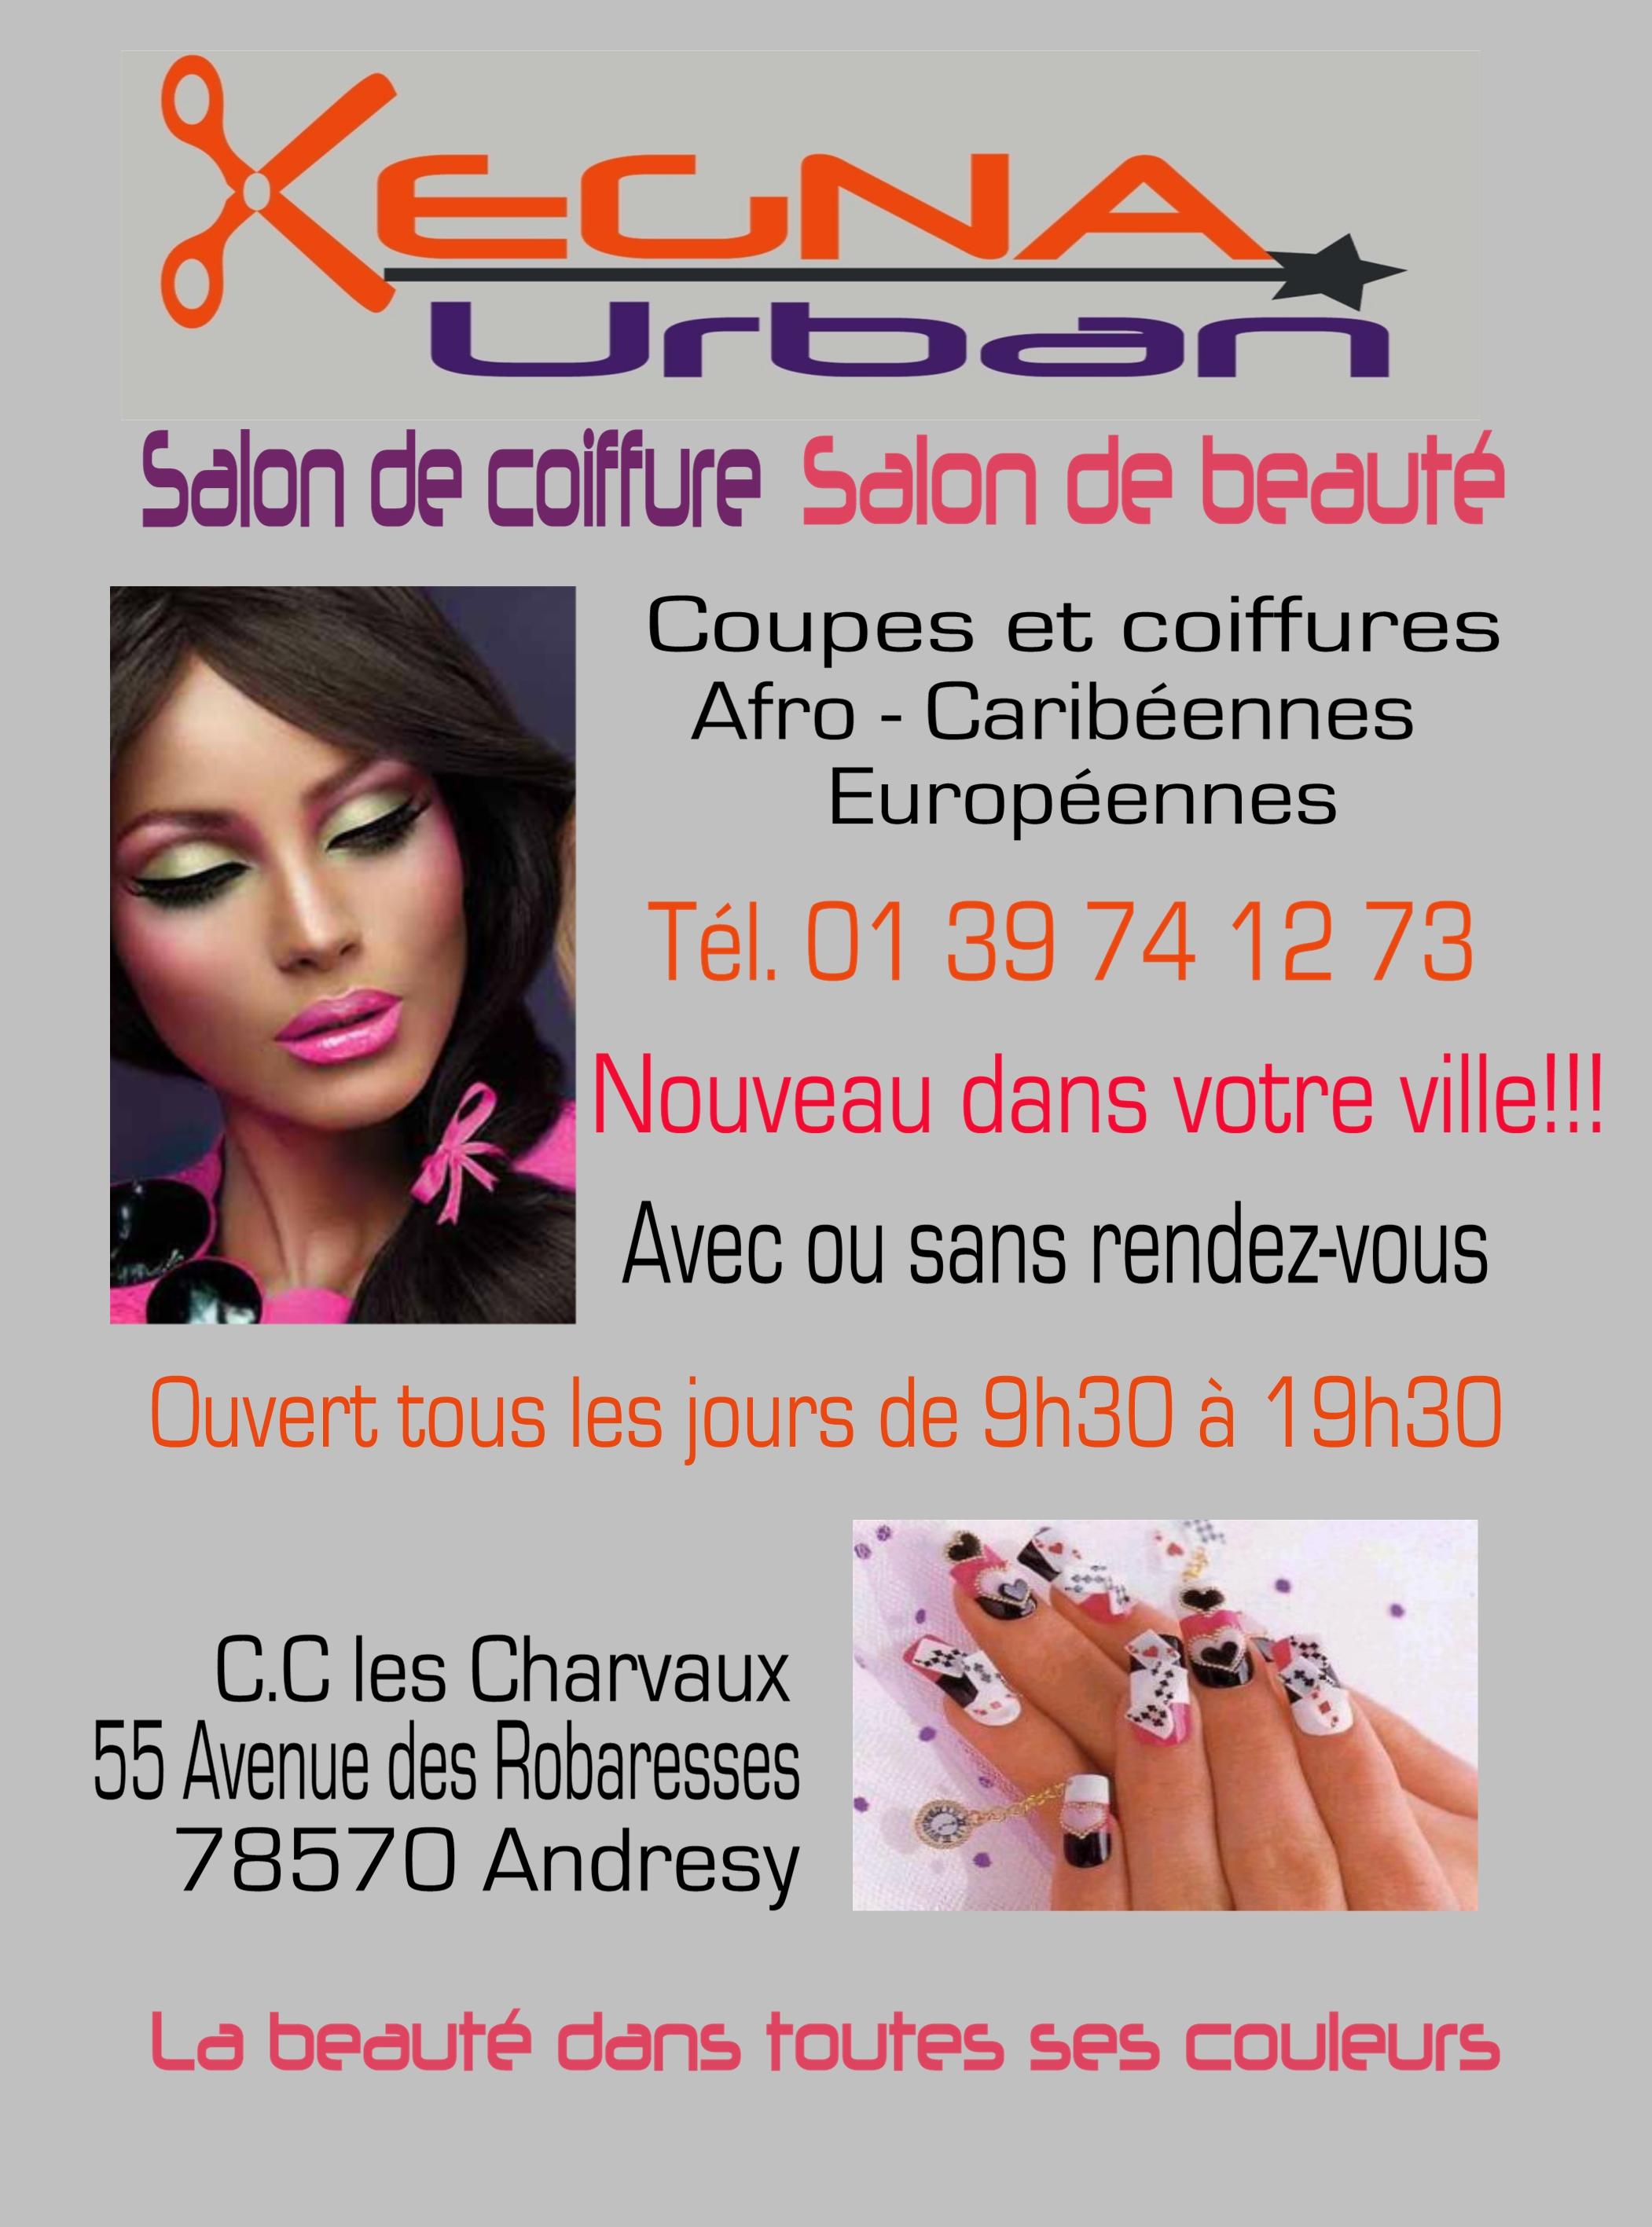 Kegna urban andr sy avis tarifs horaires t l phone - Salon de coiffure ouvert le dimanche paris ...